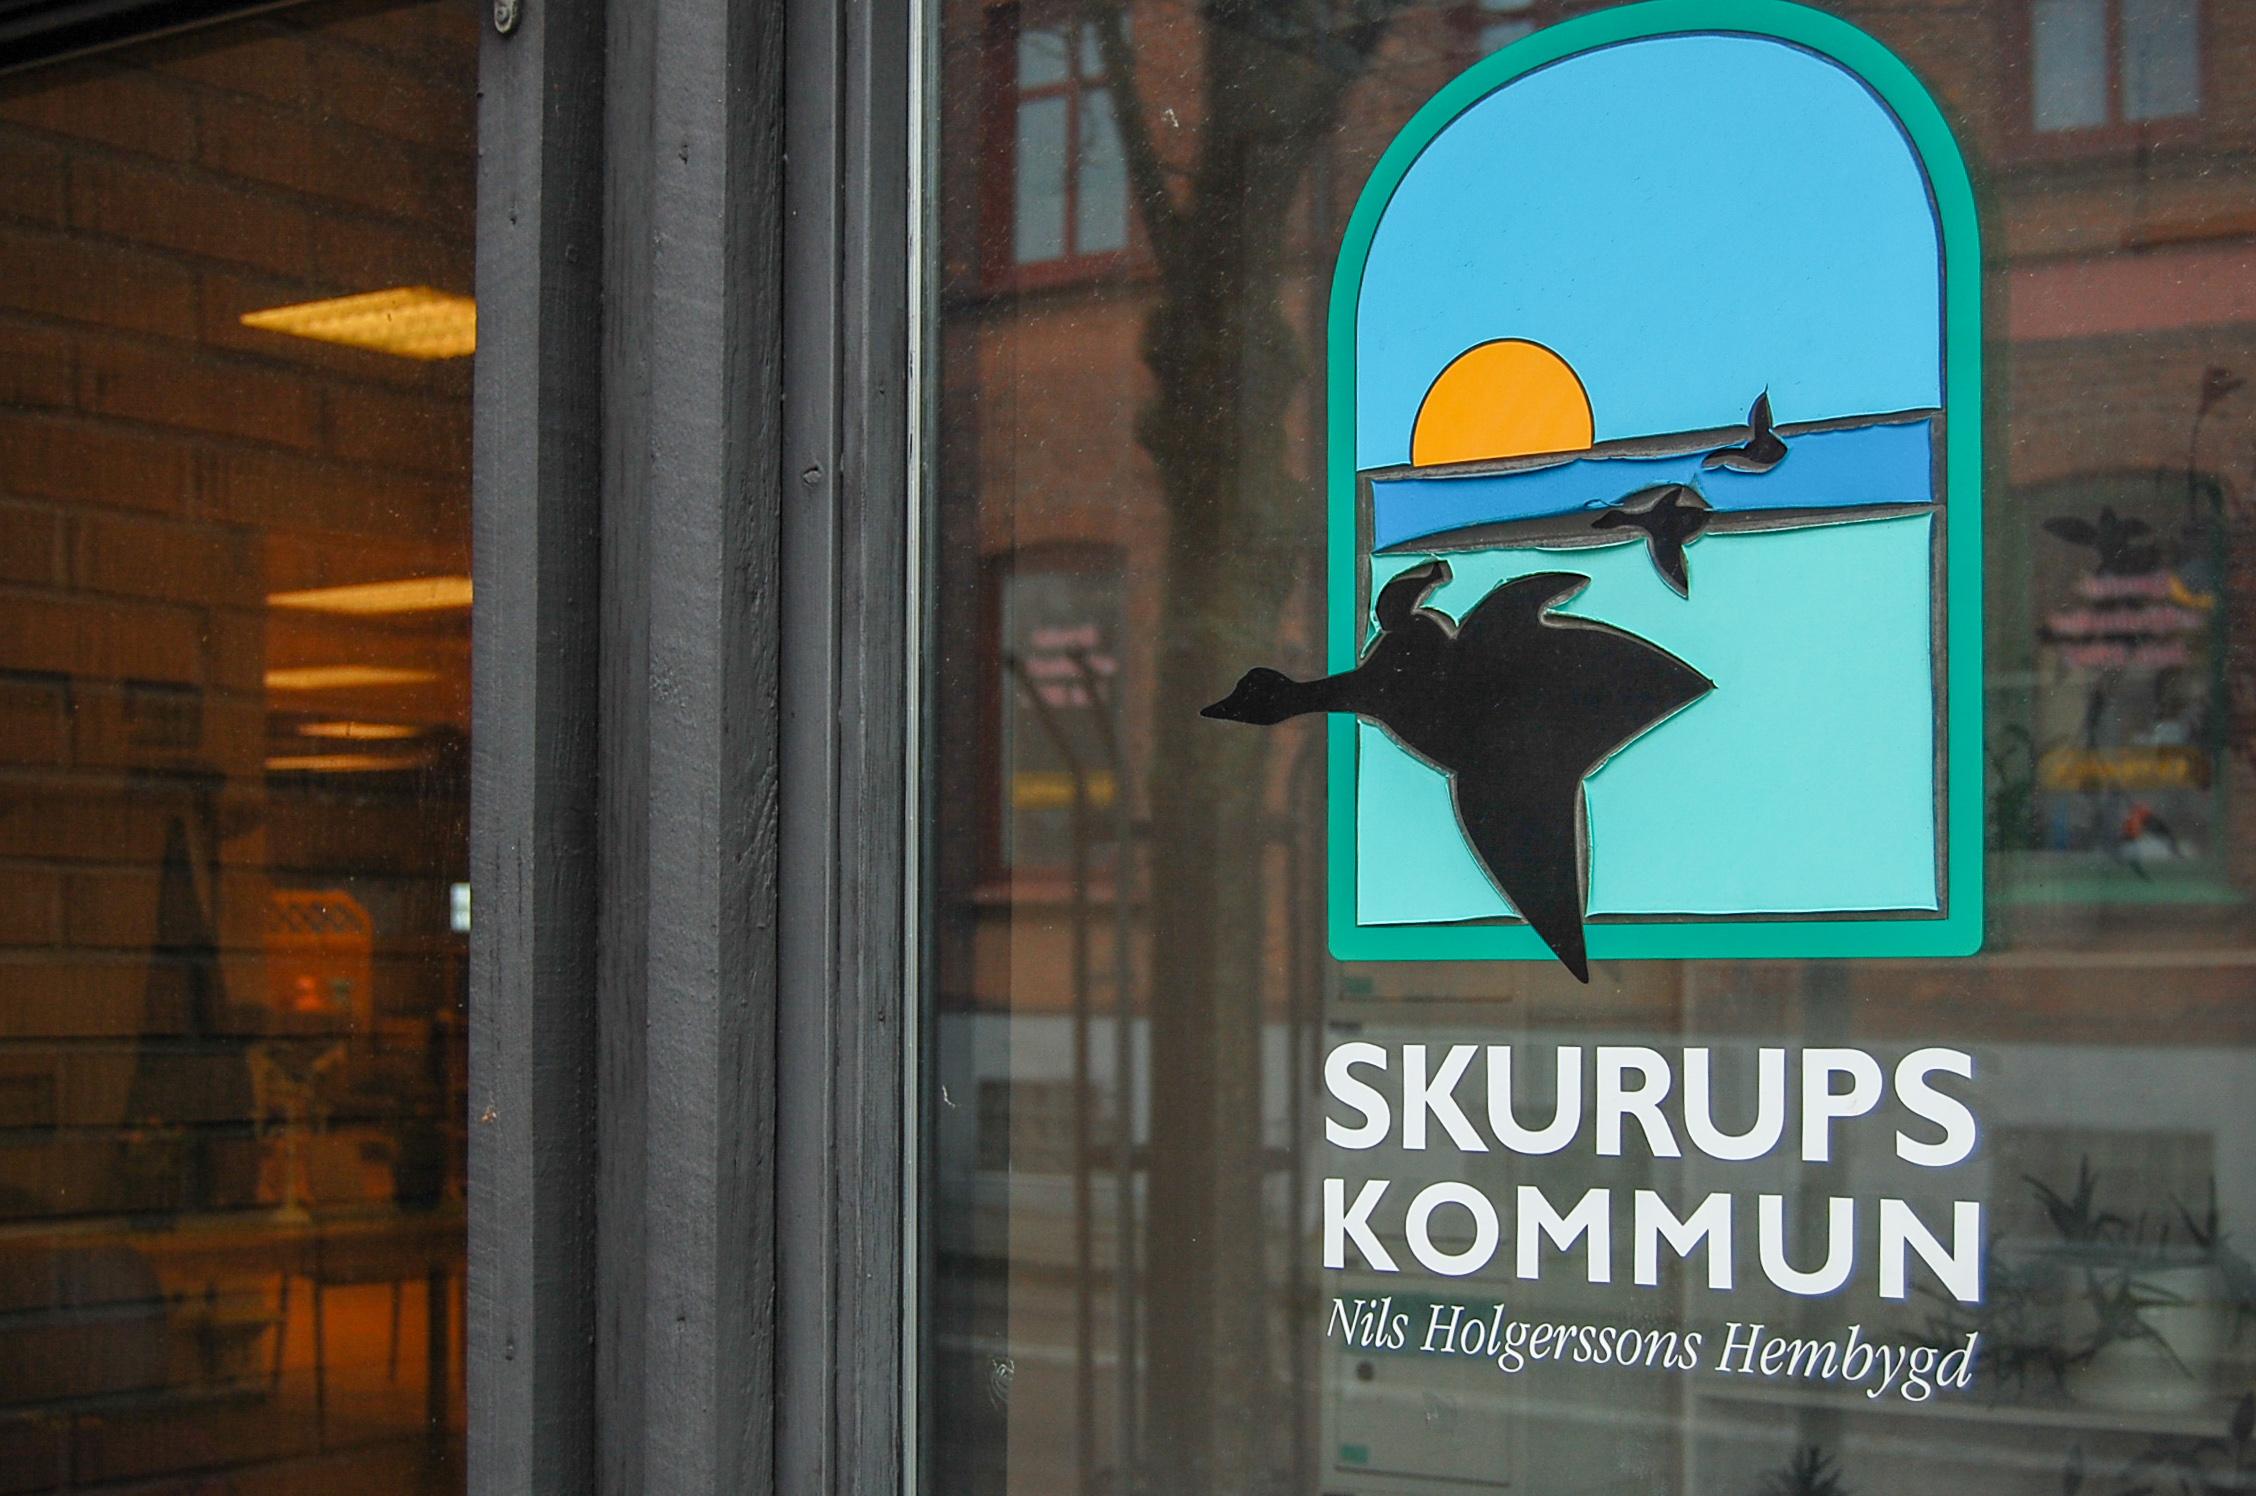 Skurups kommun är bästa skolkommun i sydöstra Skåne, men medelmåtta i länet som helhet.